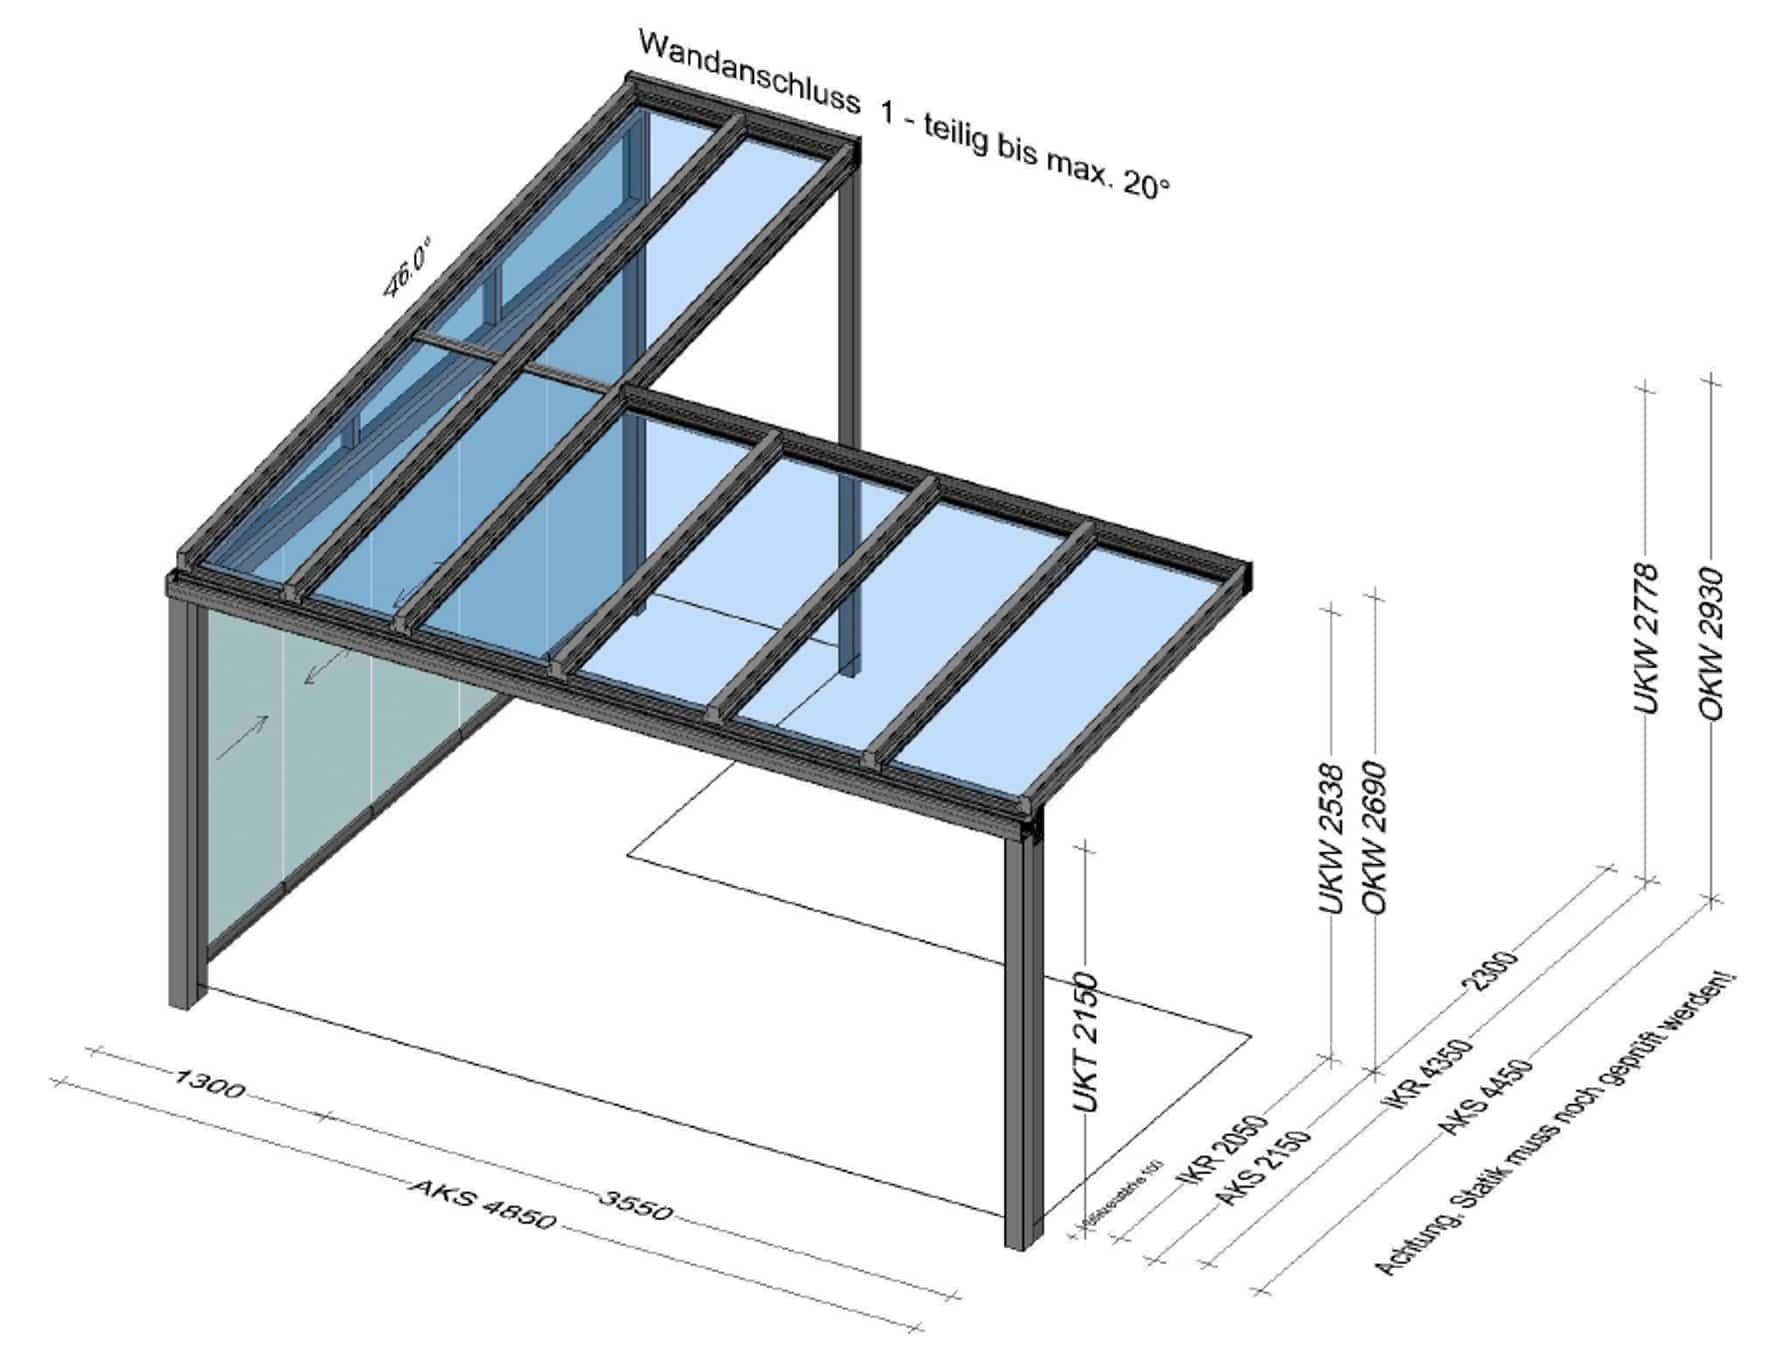 Terrassenüberdachung Schiebetüren - Skizze für BV in Oberösterreich